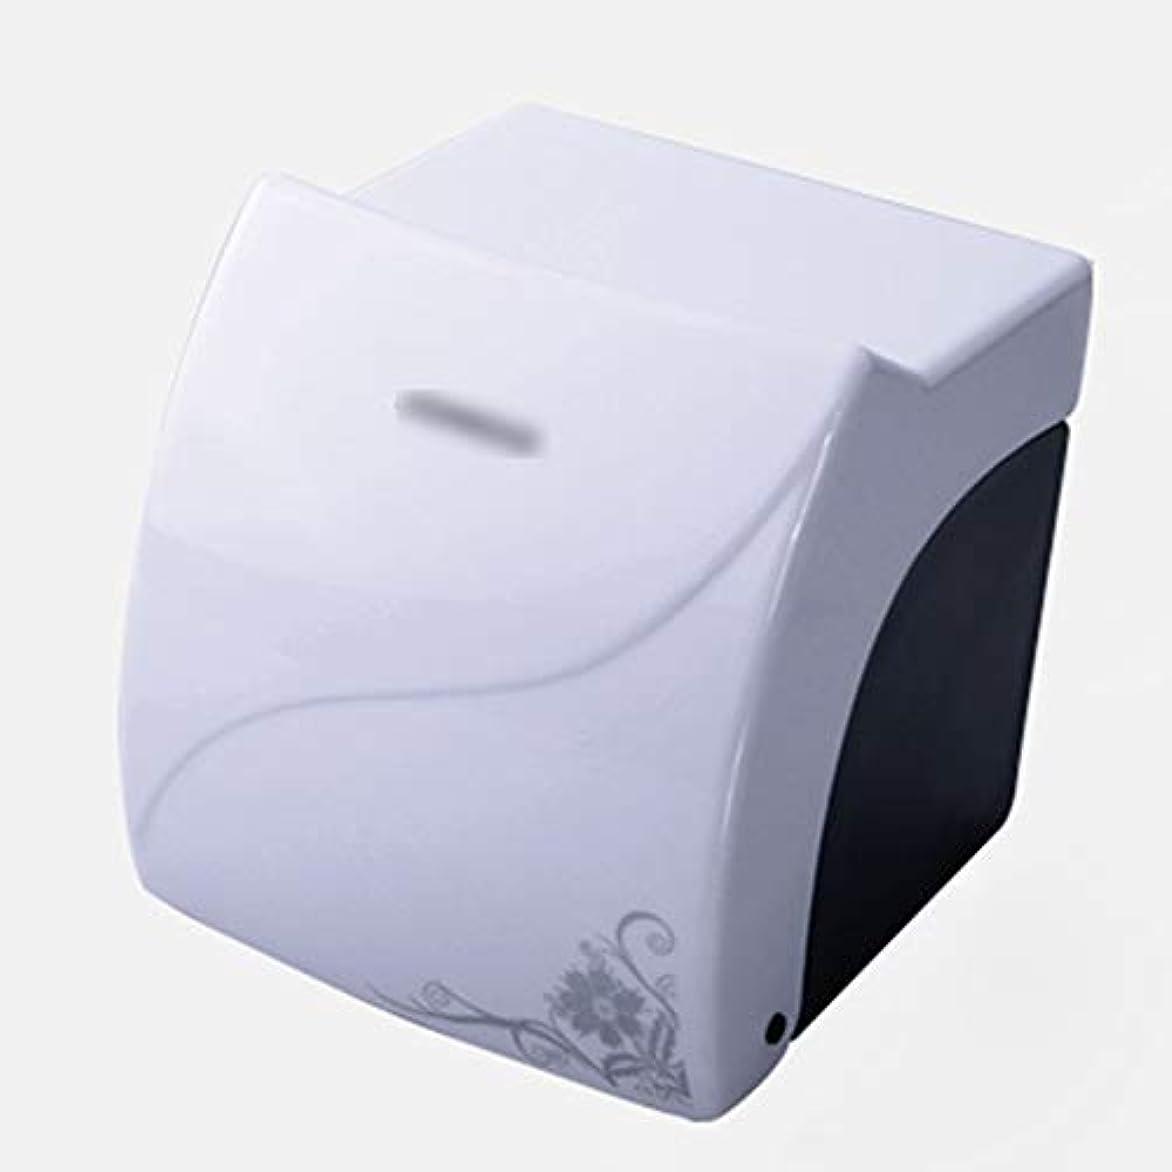 溝統計カエルZZLX 紙タオルホルダー、高品質ABS防水ティッシュボックストイレットペーパーボックスペーパーホルダー ロングハンドル風呂ブラシ